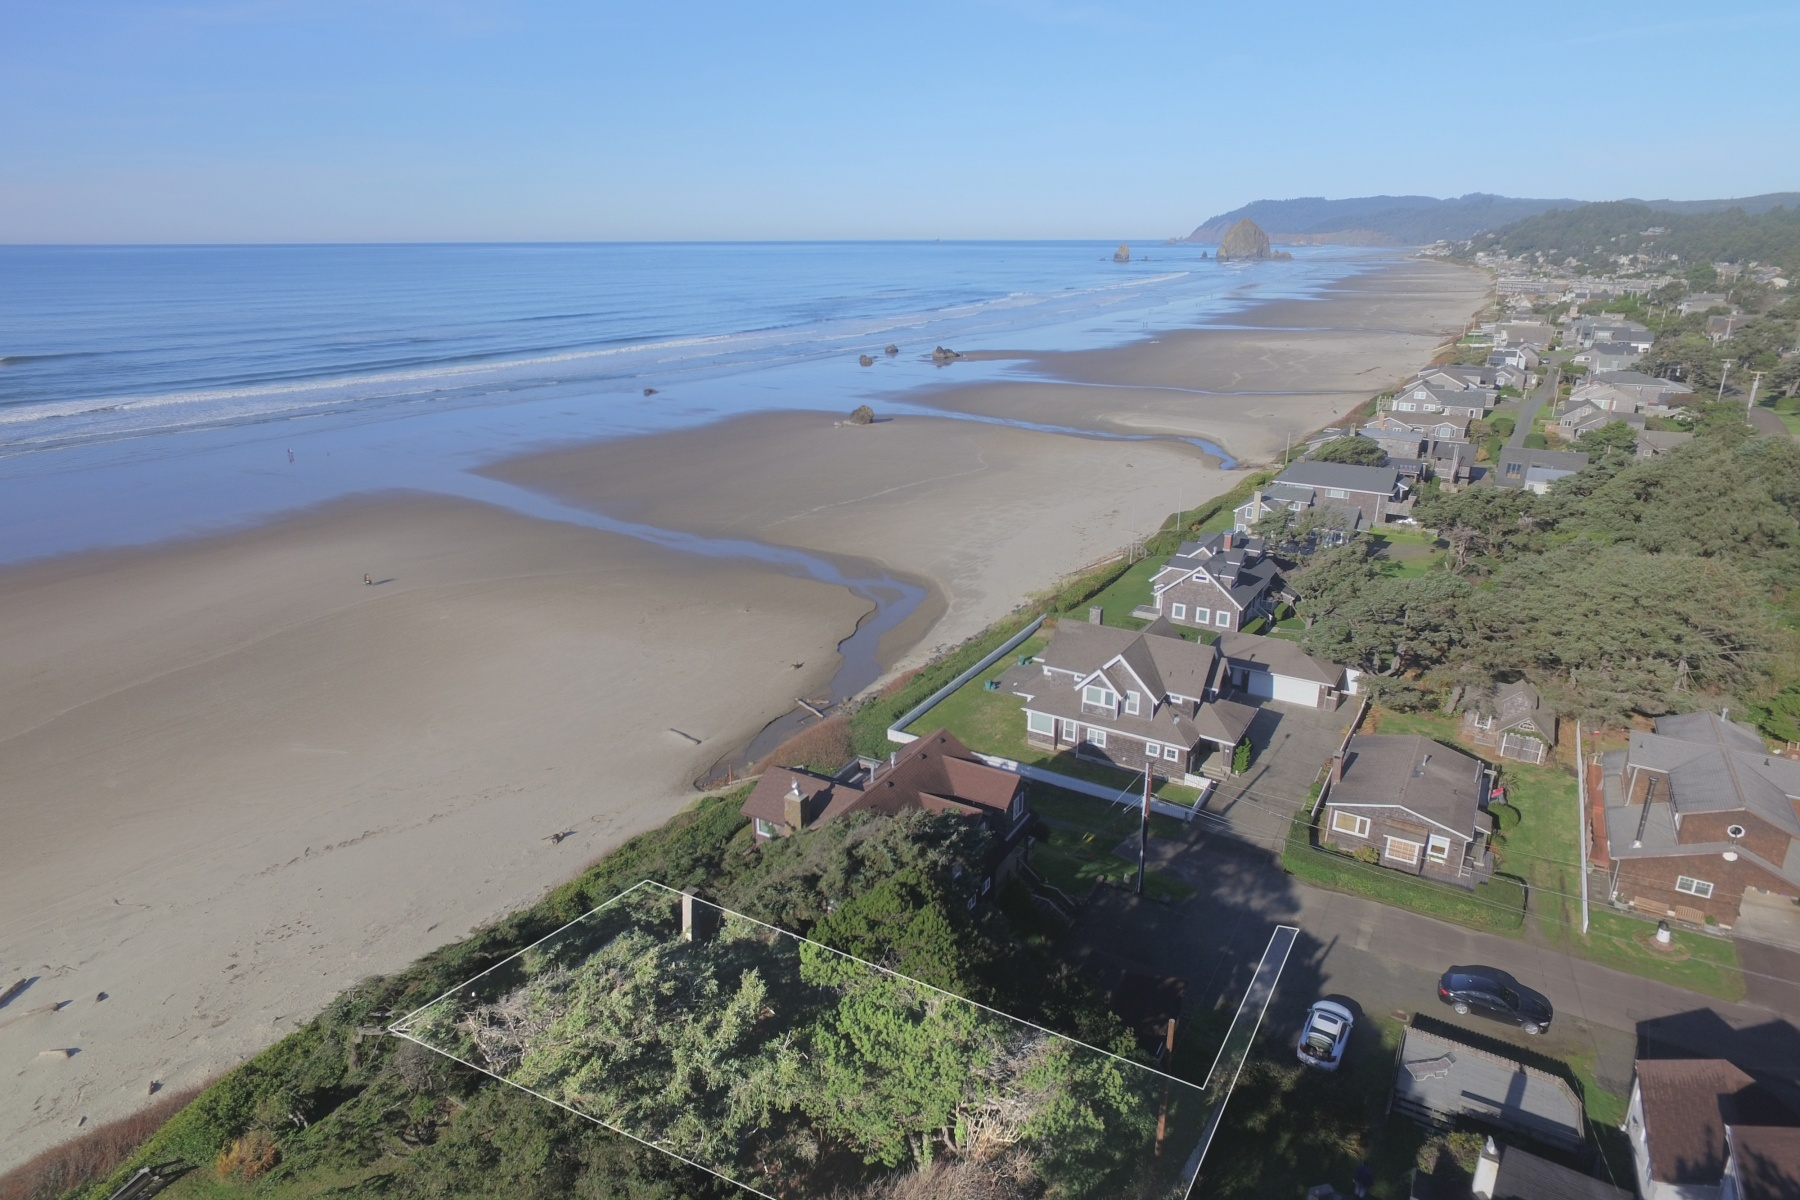 Land for Sale at 271 Kenai, CANNON BEACH 271 Kenai St Cannon Beach, Oregon, 97110 United States